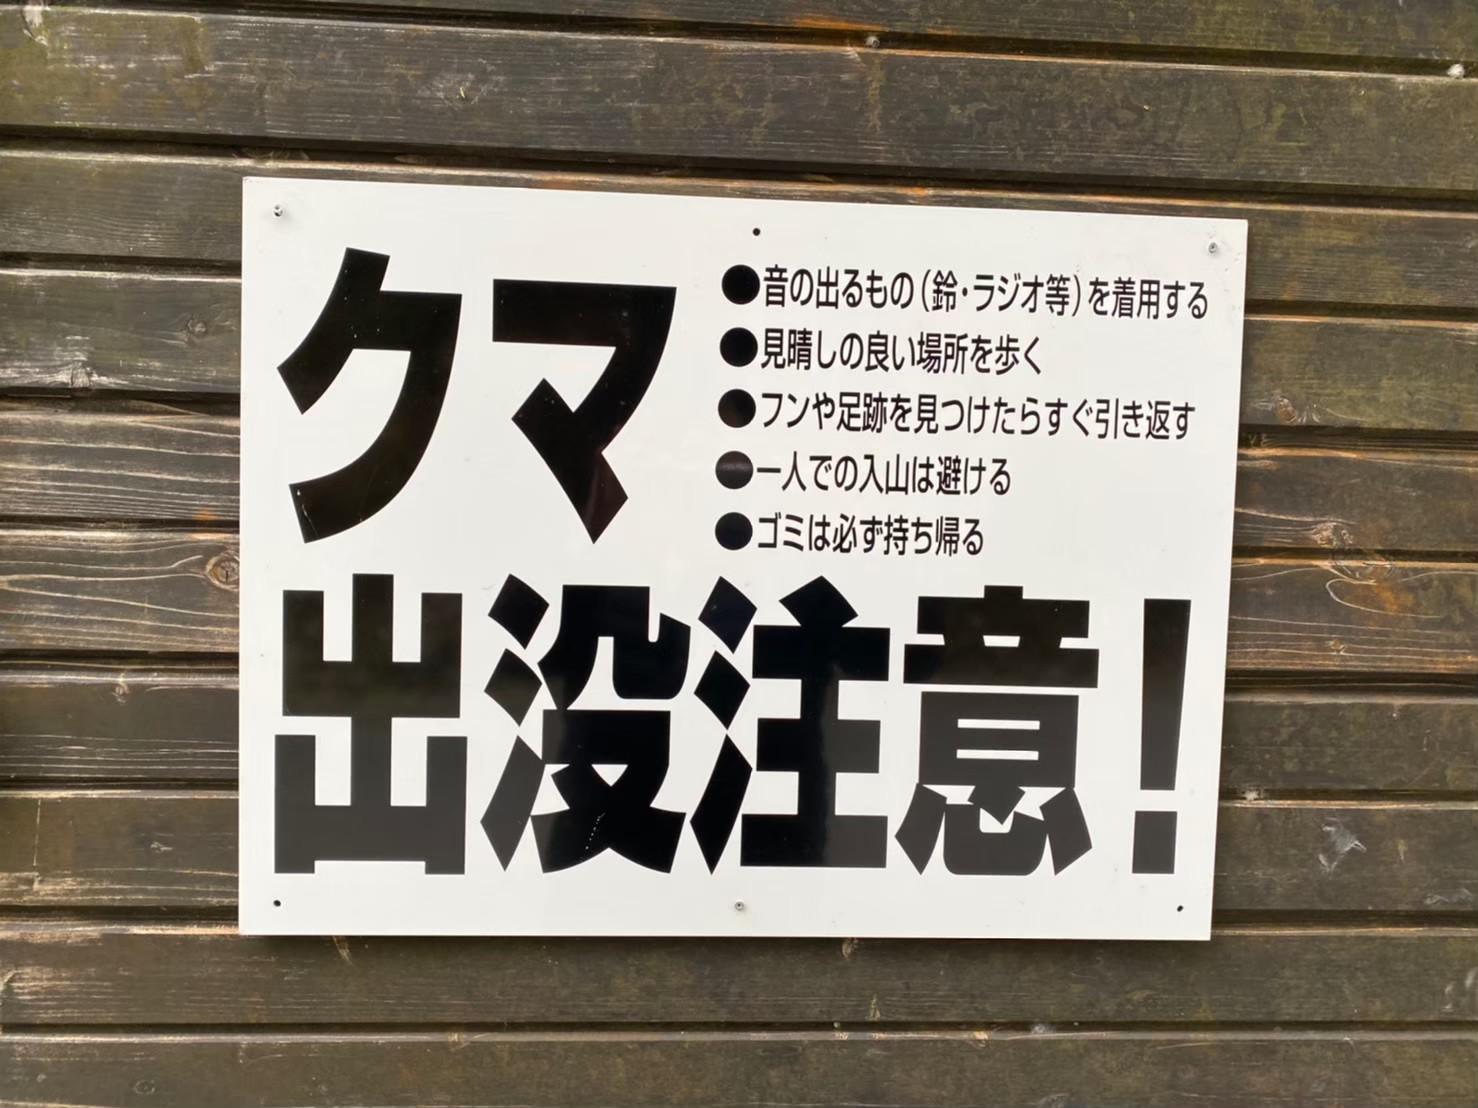 【無料!自然豊か&清流が人気|静岡市】『静岡市清水森林公園 黒川キャンプ場』攻略ガイド(駐車場・トイレ)